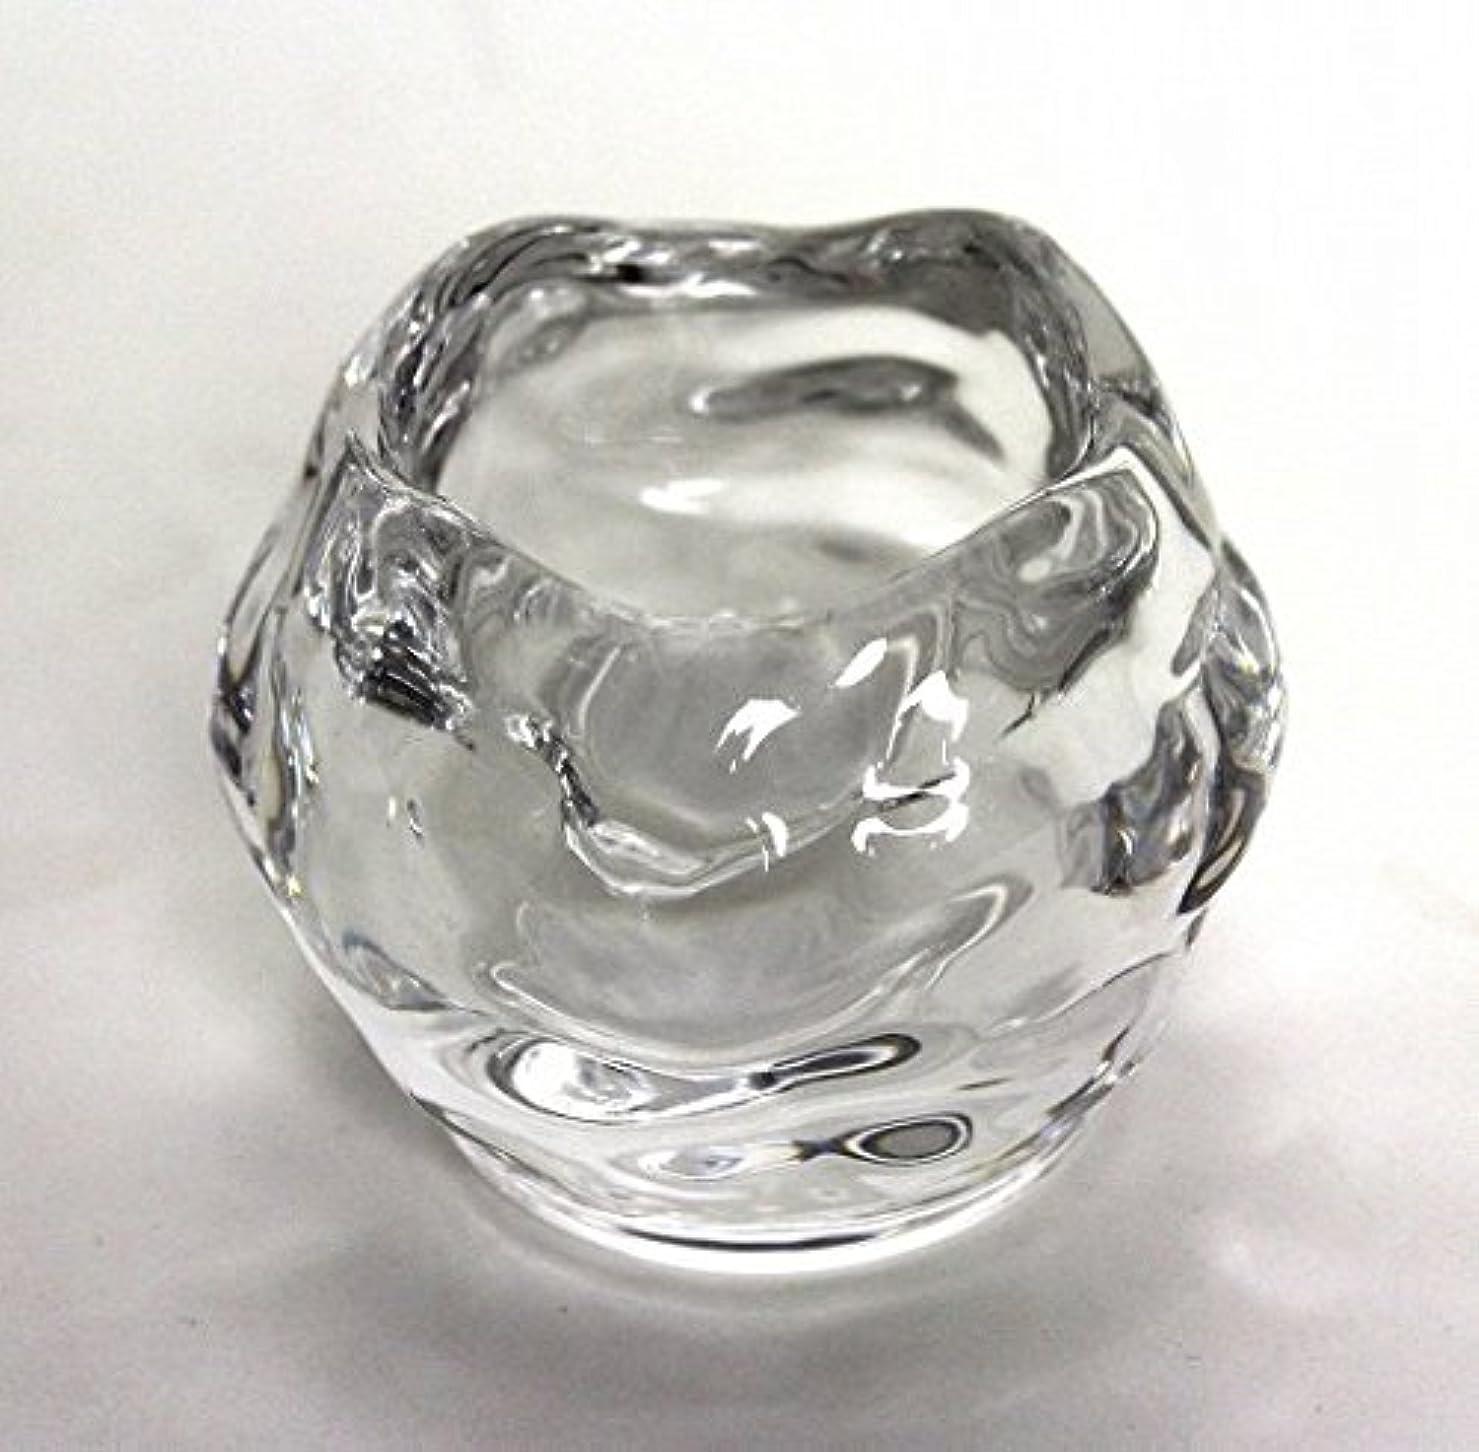 意味する心理的に感覚kameyama candle(カメヤマキャンドル) ロックアイス(J5500000)